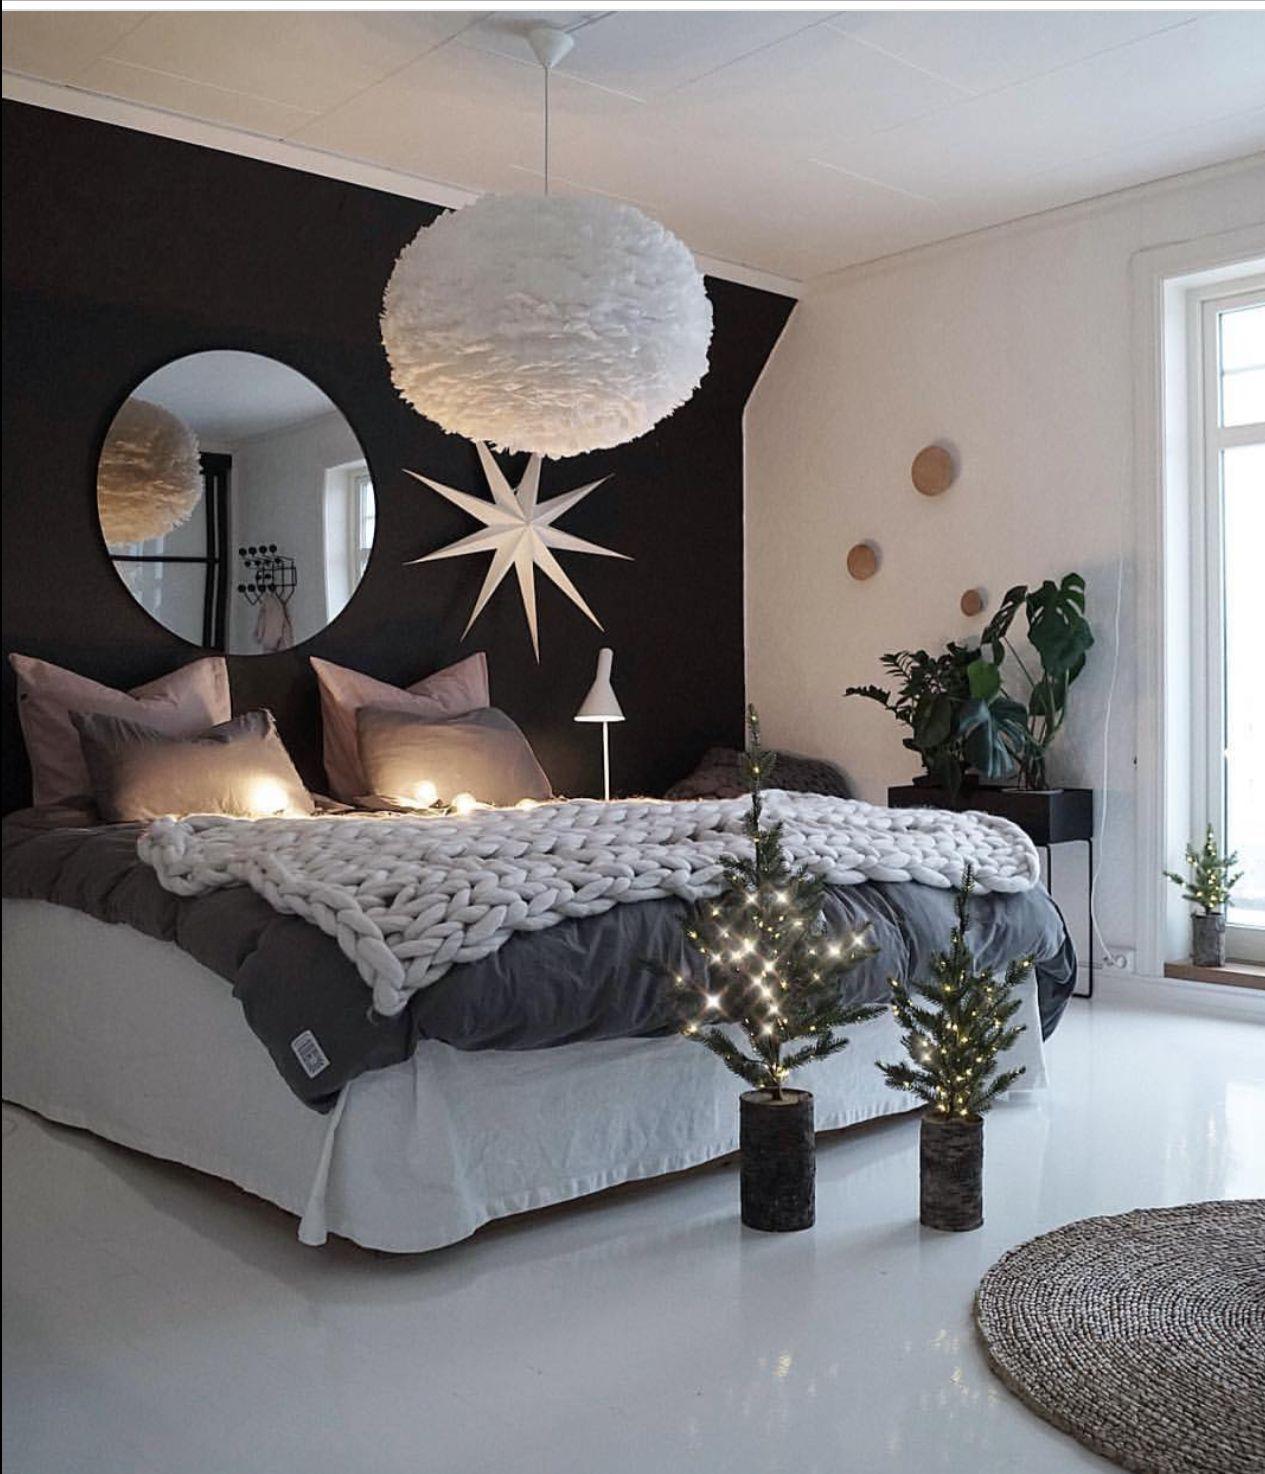 Ikea Wohnbeispiele Schlafzimmer. Taubenblau Schlafzimmer